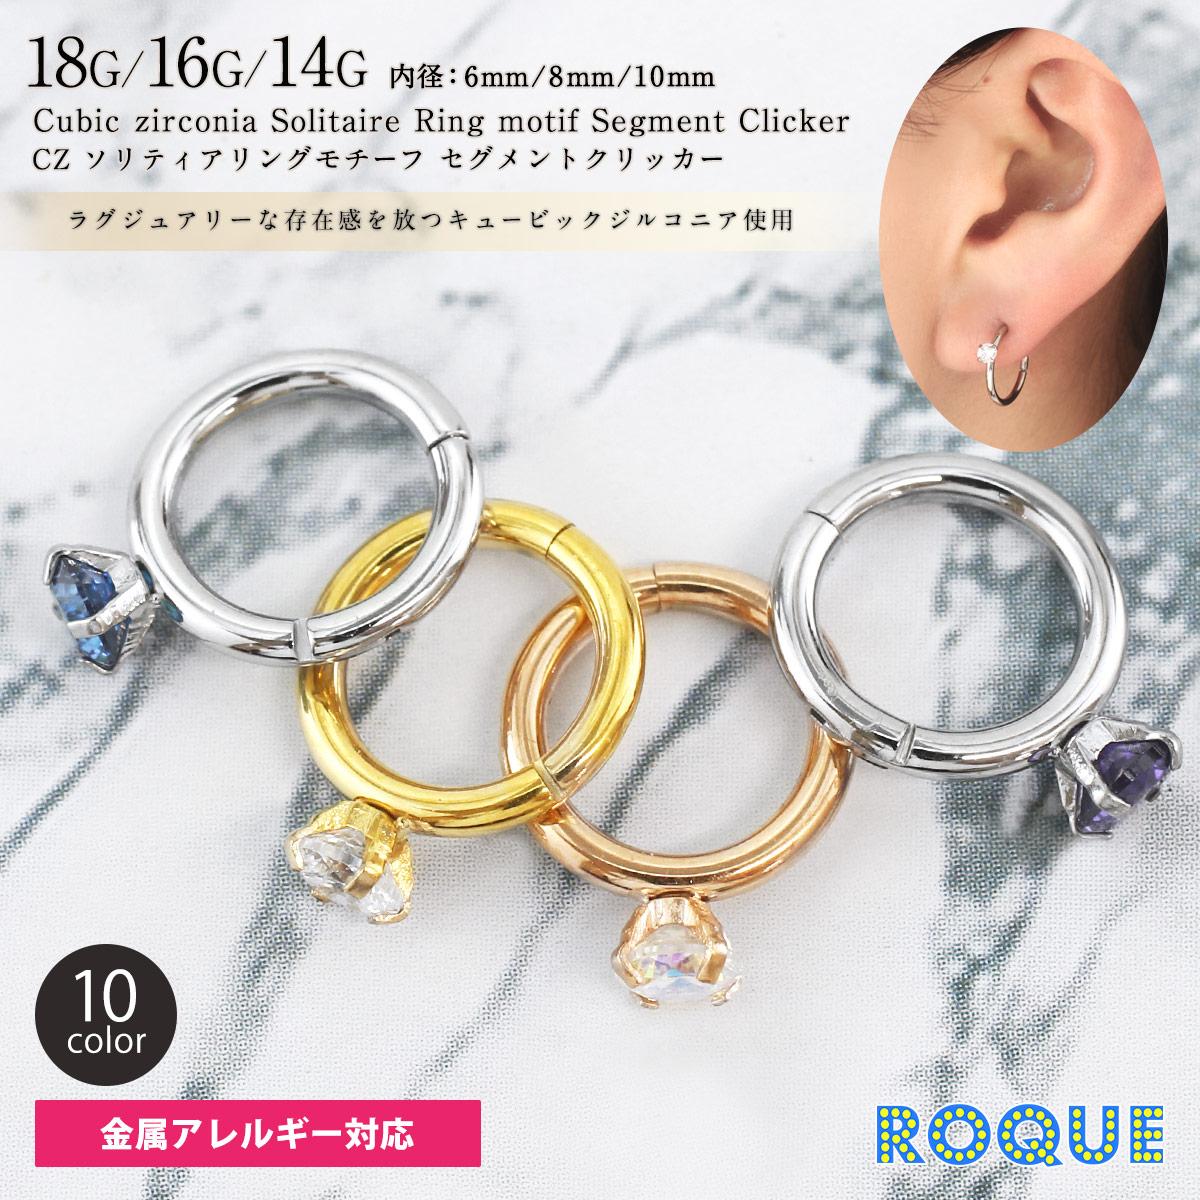 ボディピアス 16G 14G キュービックジルコニア ソリティアリング 指輪モチーフ セグメントクリッカー